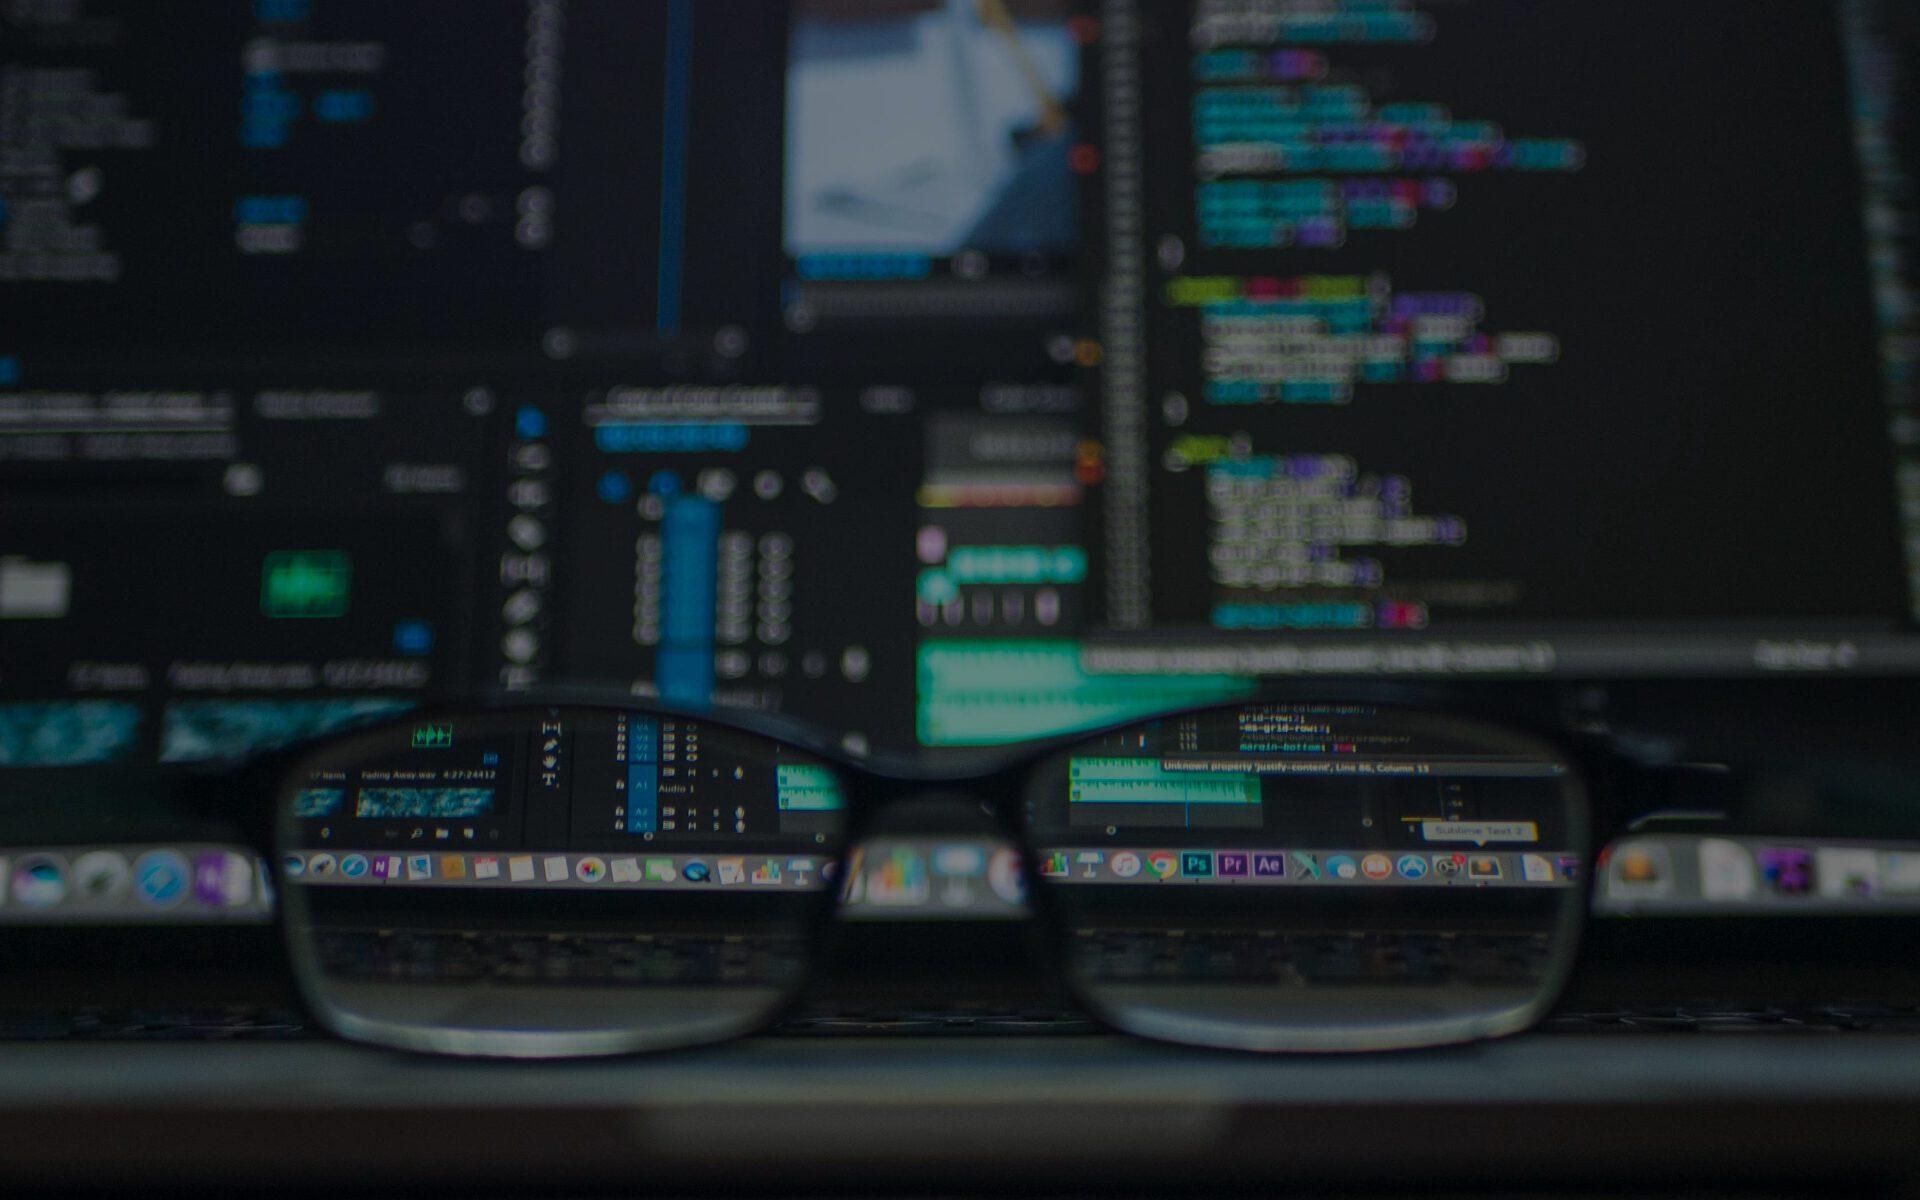 Desktop PC & Server Support